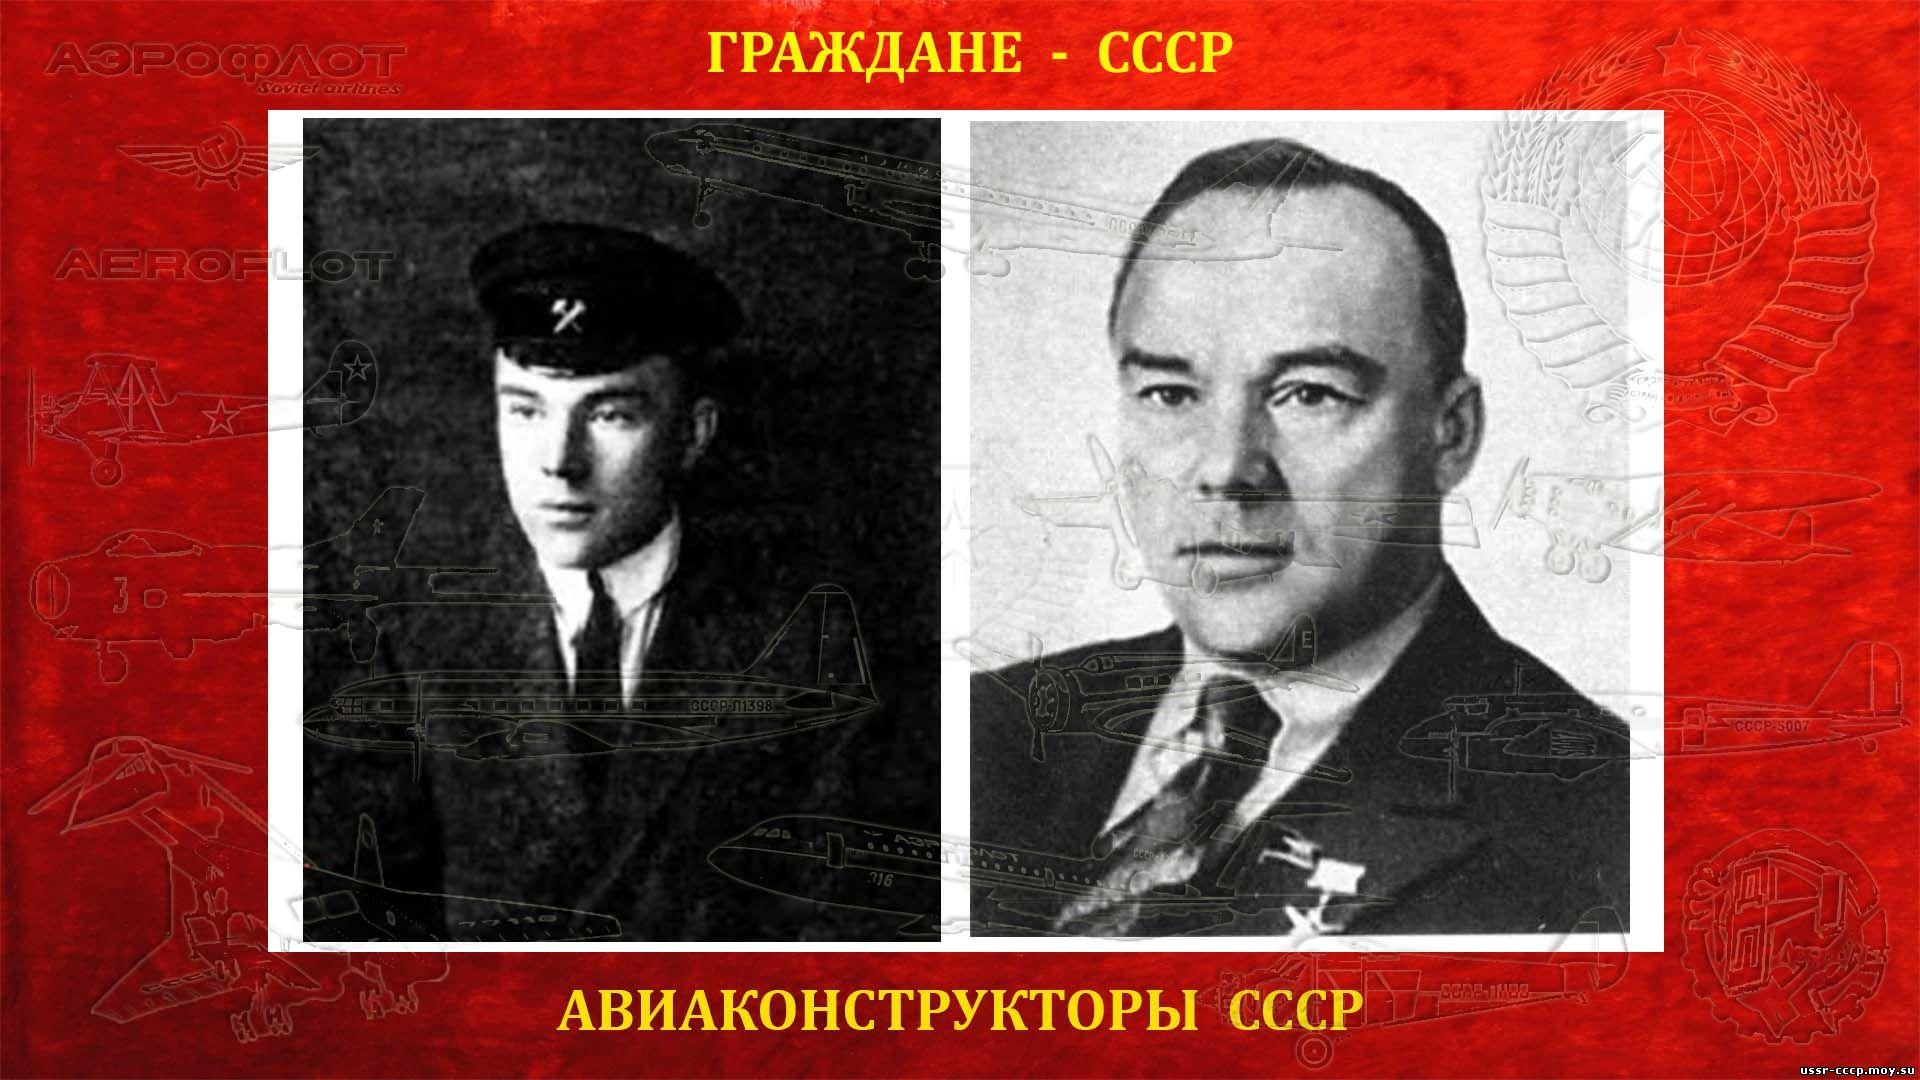 Поликарпов Николай Николаевич — Авиаконструктор (10.06.1892 — 30.07.1944) биография))